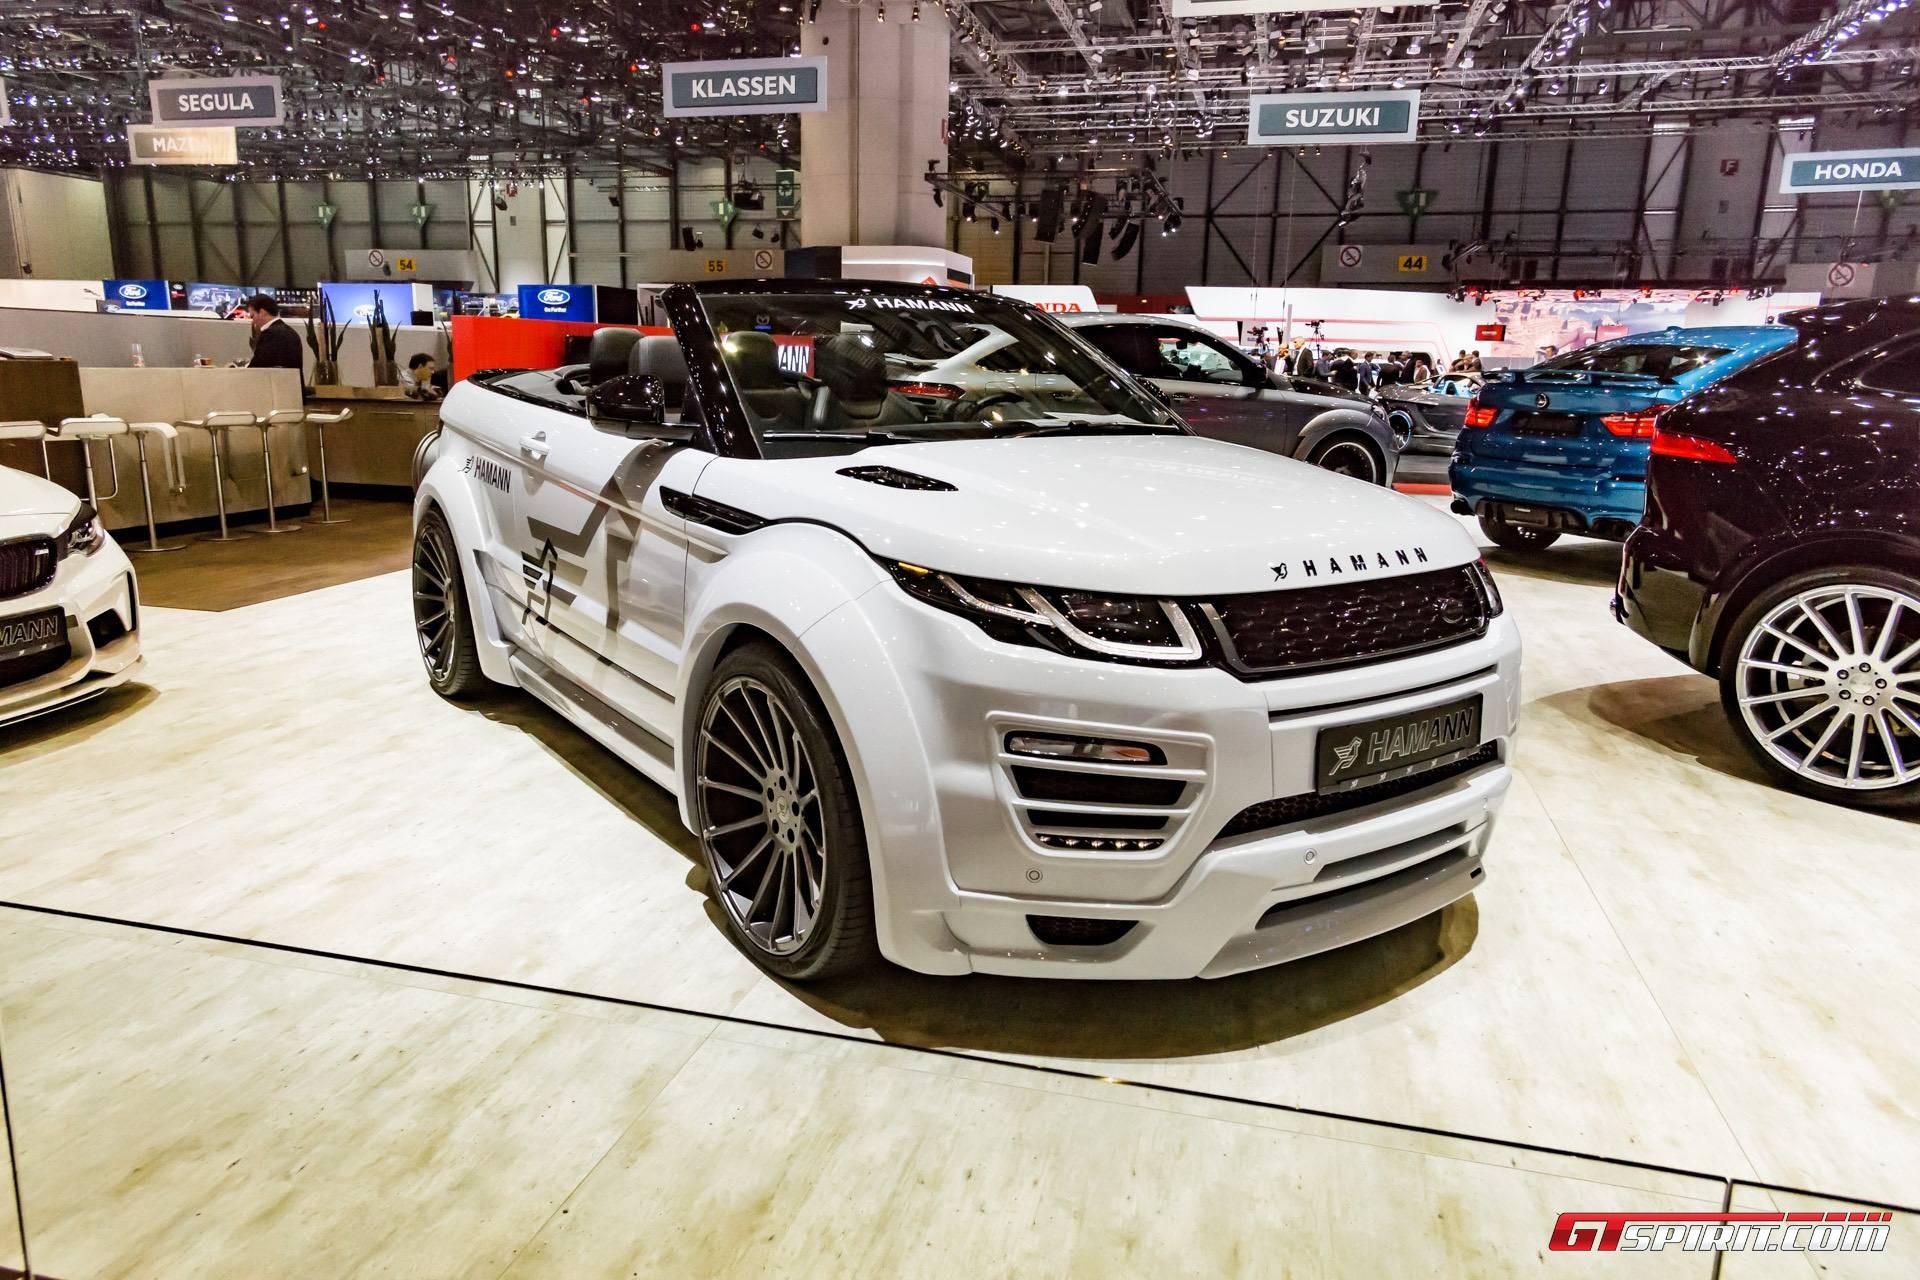 Geneva 2017 Hamann Range Rover Evoque Convertible